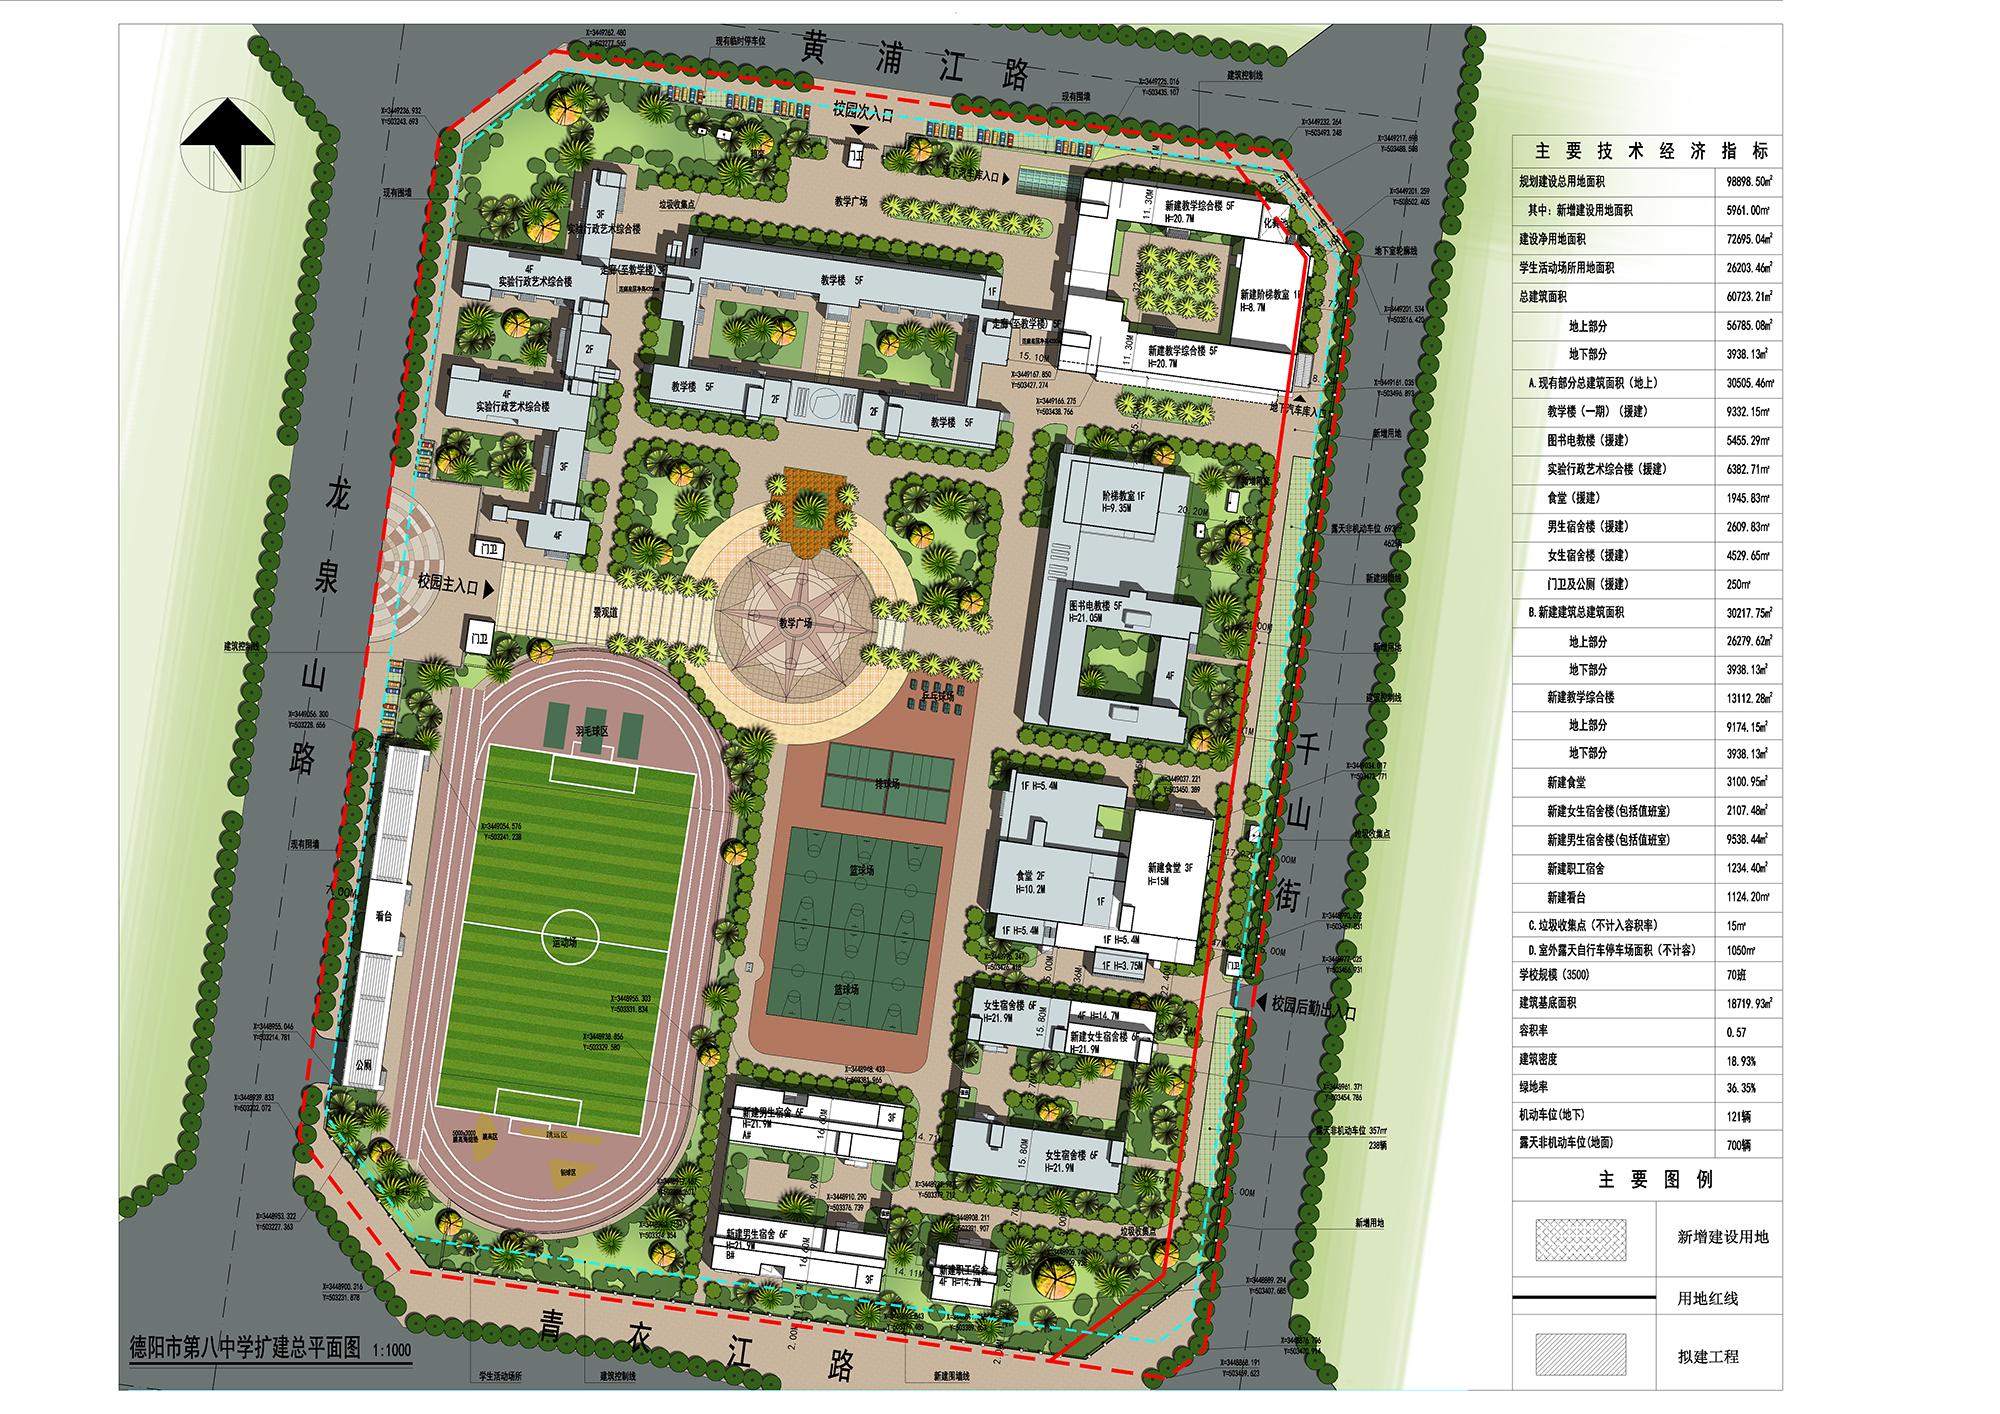 德阳市第八中学校扩建工程 一张效果图看懂扩建哪些